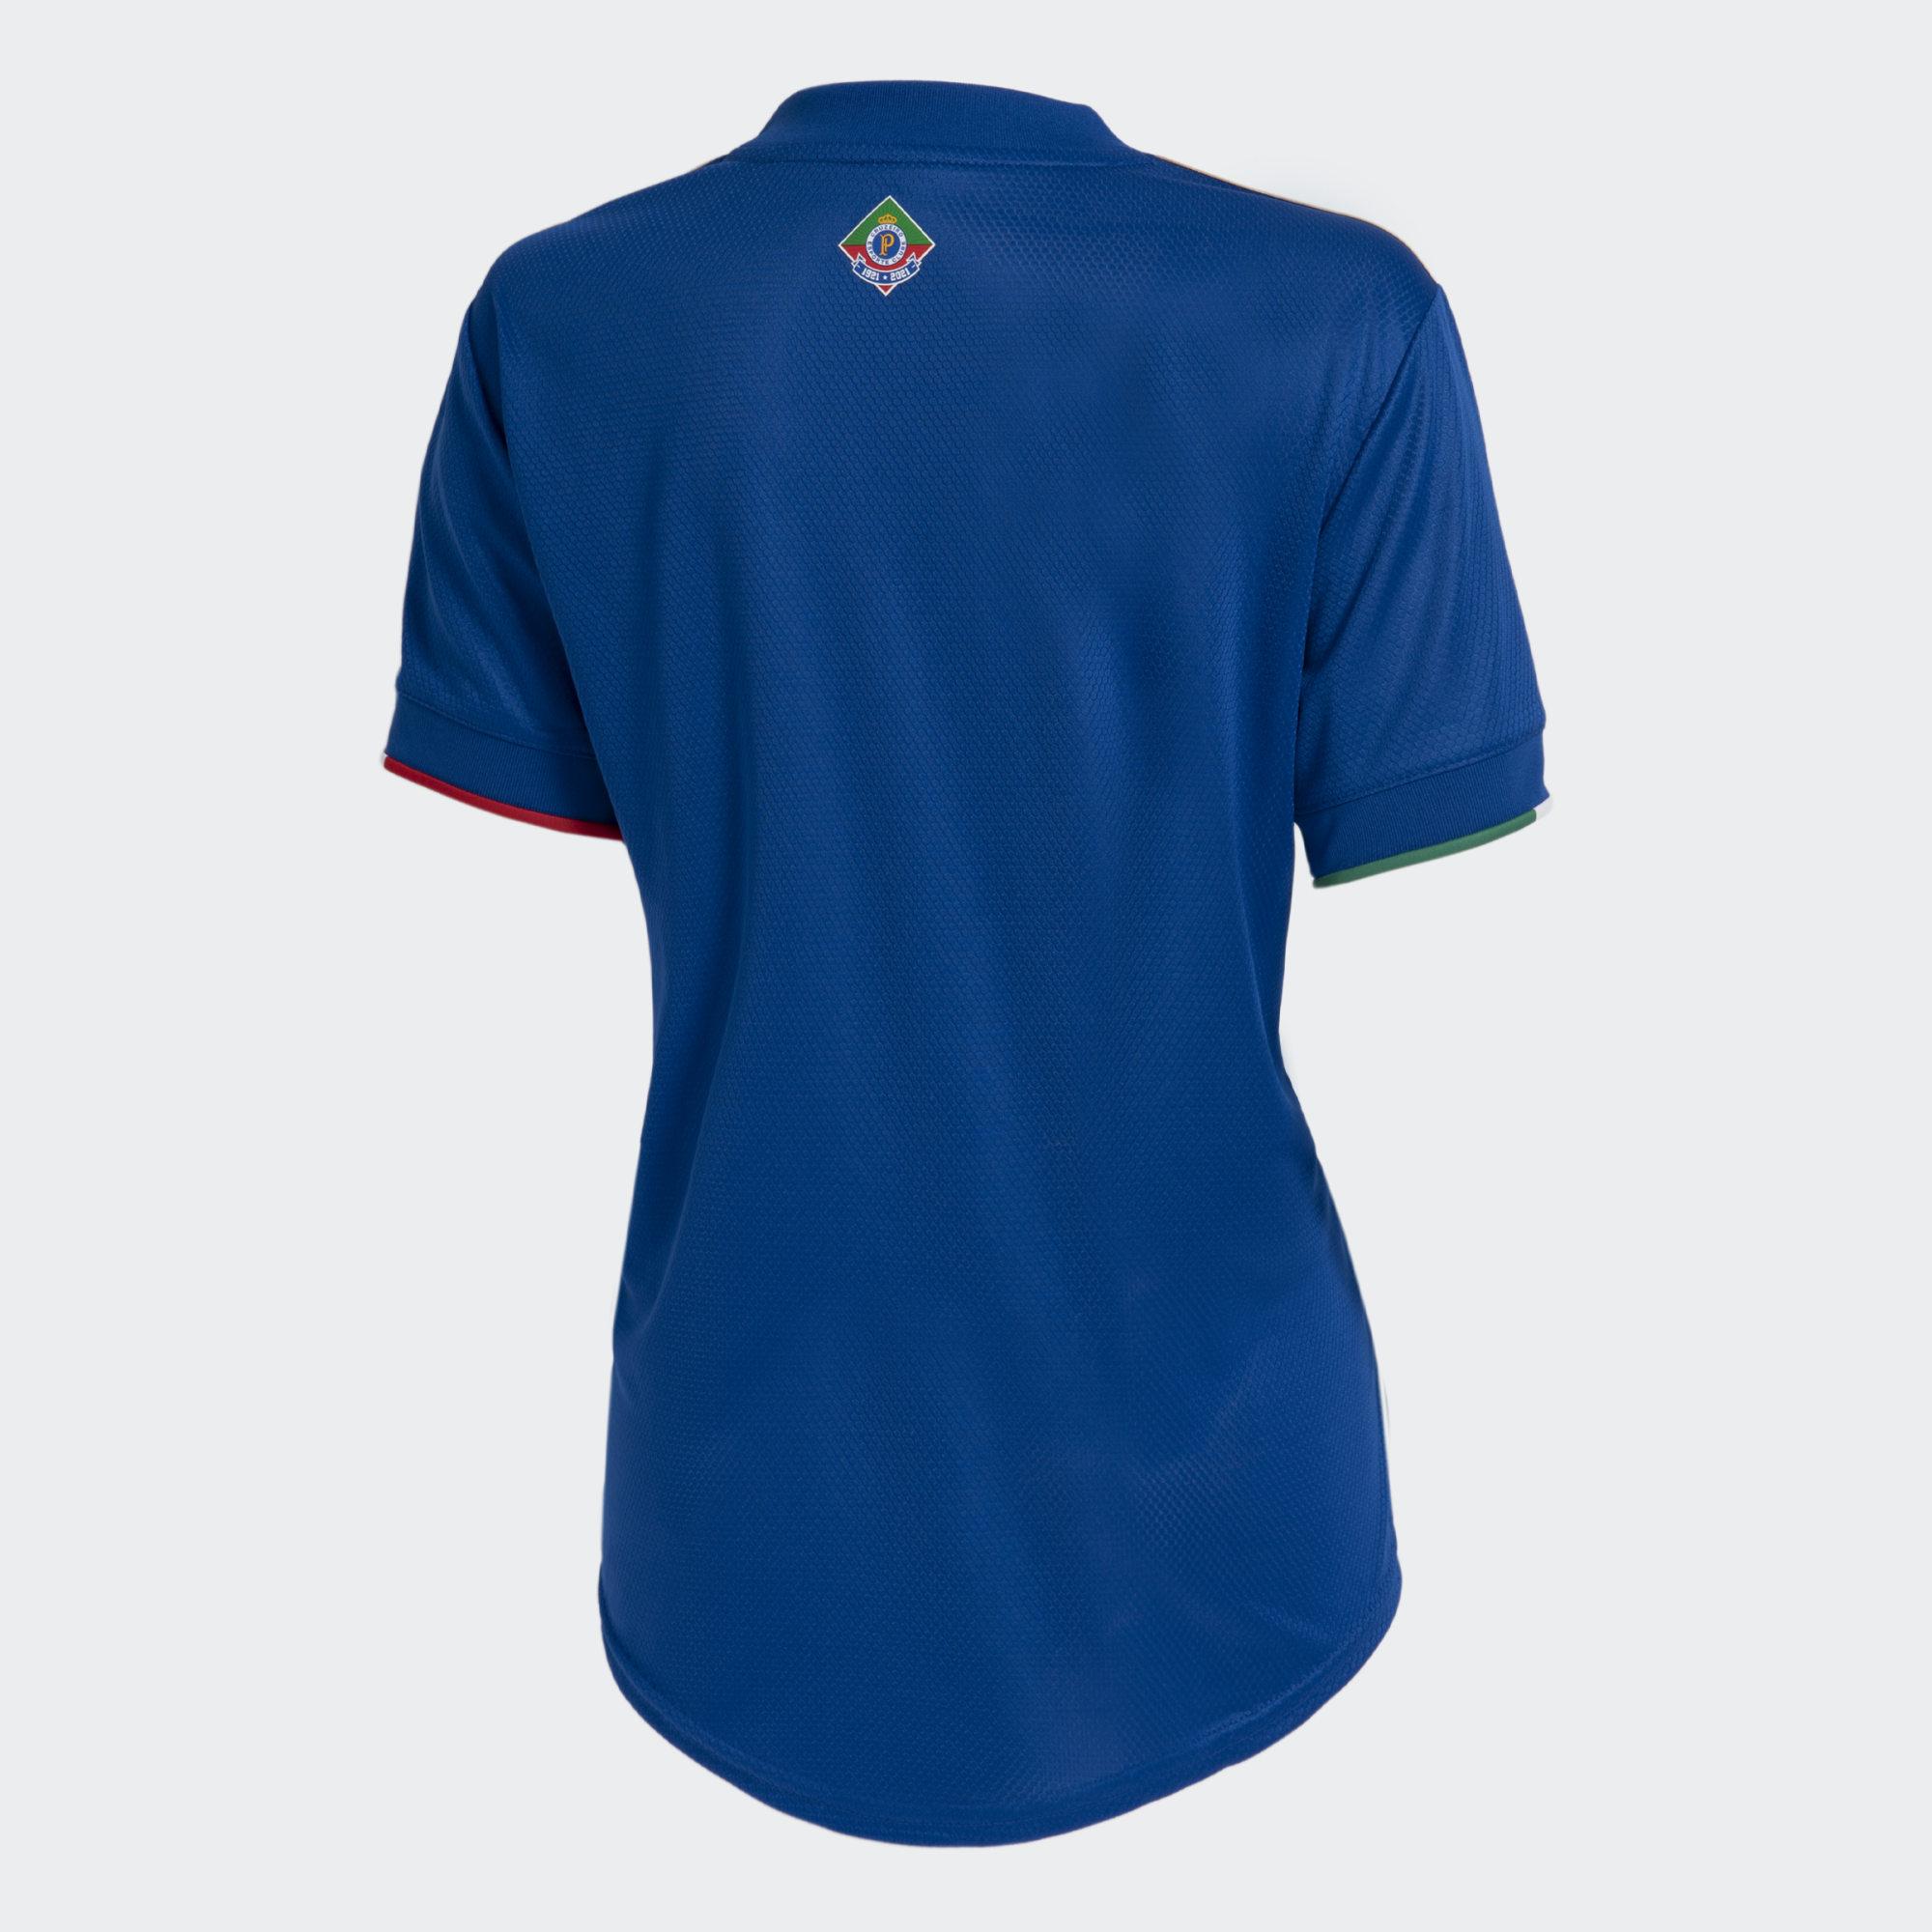 Camisa Feminina Oficial 1 Adidas Centenário Cruzeiro